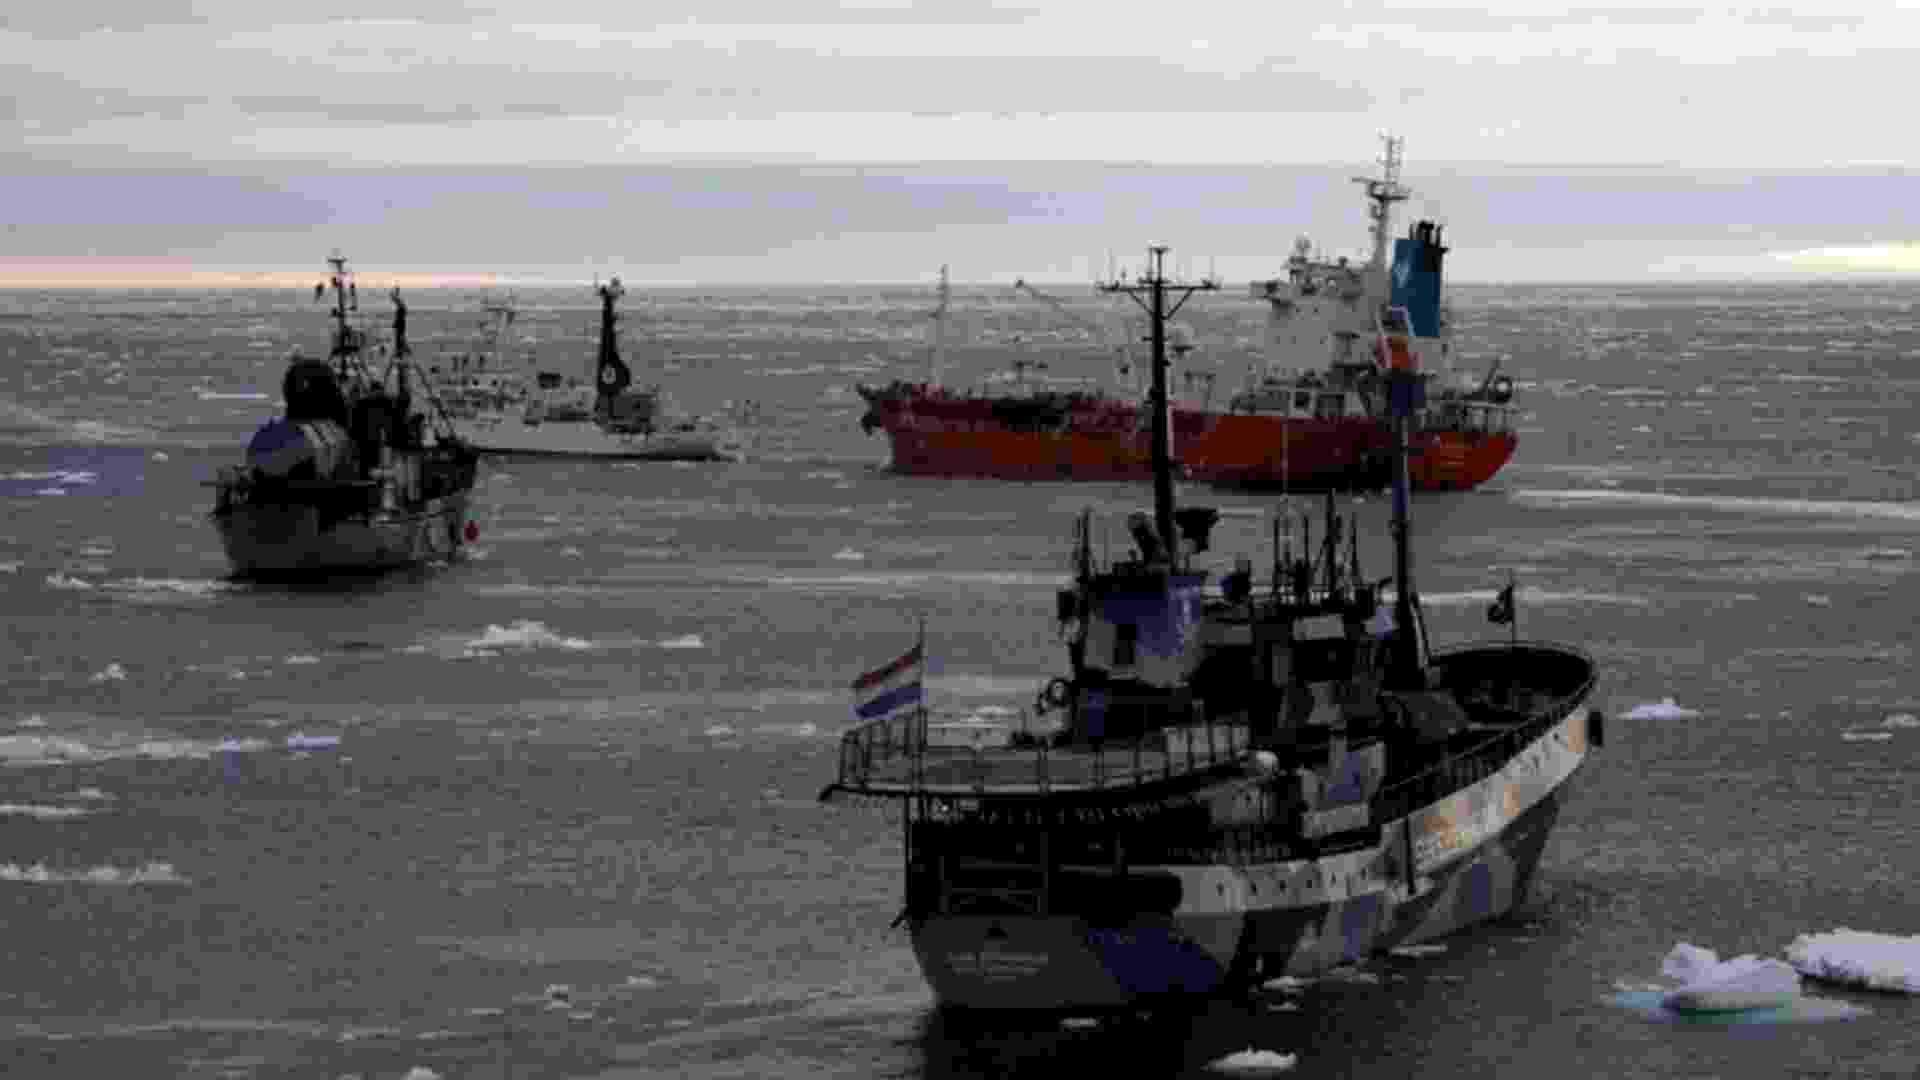 5.abr.2013 - Abril - Barcos da ONG Sea Sheperd cercam navio-tanque da frota baleeira japonesa (laranja) no oceano Antártico, em fevereiro de 2013. O Japão encerrou a temporada de caça às baleias com a captura de 103 baleias rorquais, a menor taxa desde 1987 - The Institute of Cetacean Research/AFP